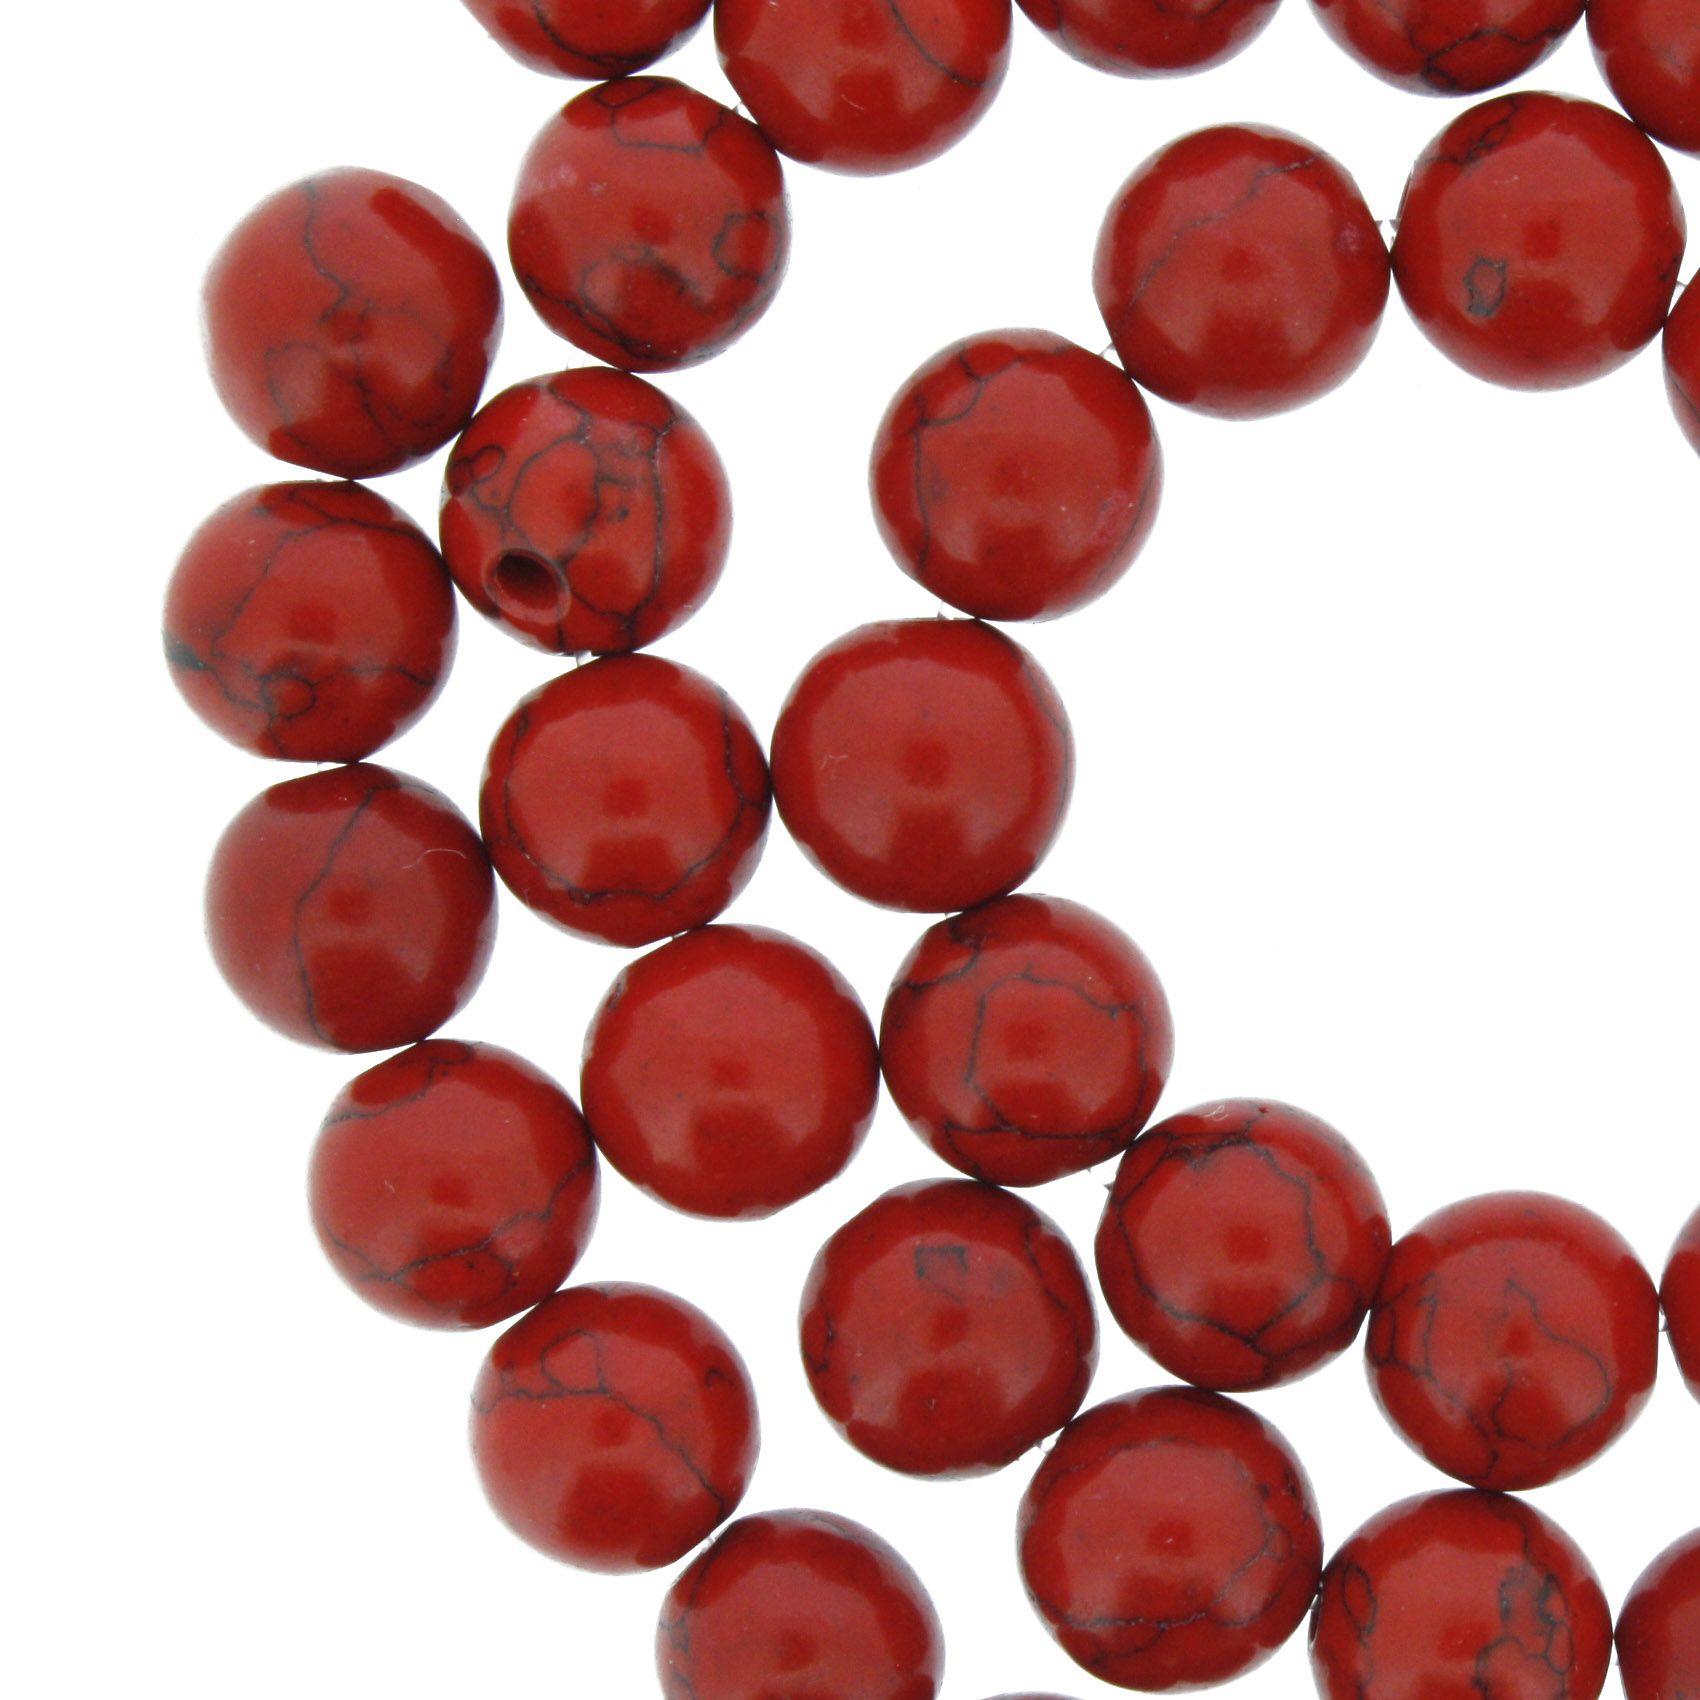 Fio de Pedra - Pietra® - Howlita Vermelha - 8mm  - Universo Religioso® - Artigos de Umbanda e Candomblé